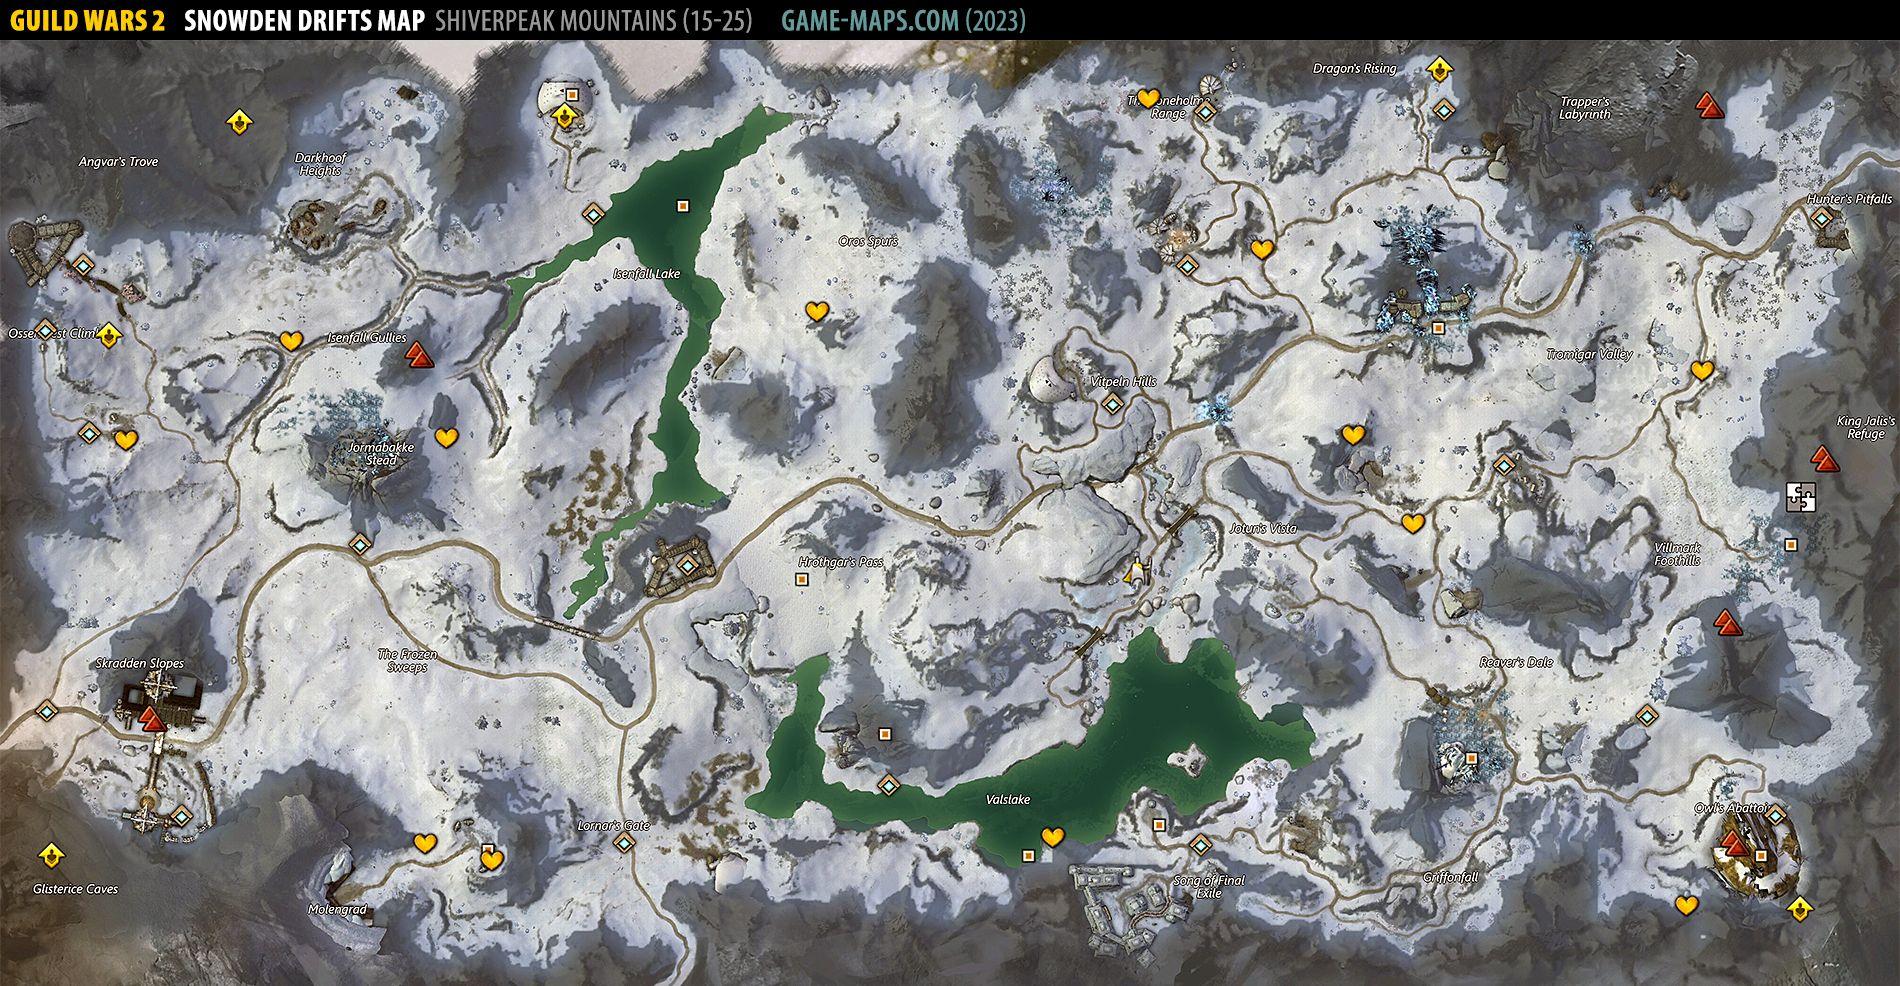 gw2 world map with Snowden Drifts Gw2 Map on Guild Wars 2 Kartenvergleich Das Alte Und Neue Tyria additionally Disney World Park Maps in addition Snowden Drifts GW2 Map together with Datamining new world map of pla  tyria showing in addition Watch.